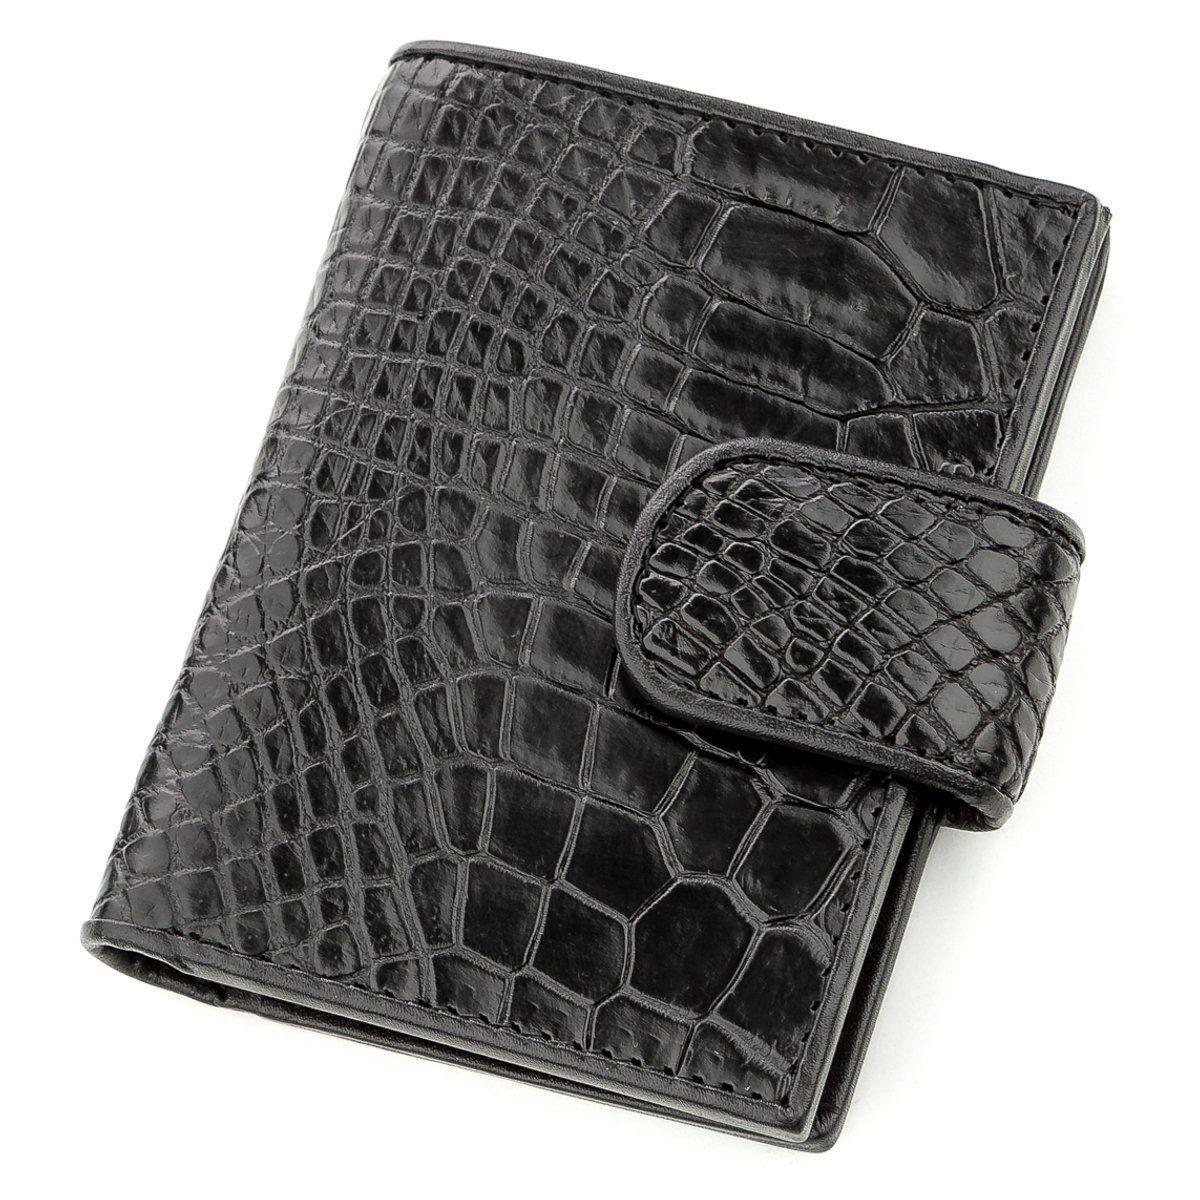 Визитница мужсккая Ekzotic Leather из натуральной кожи крокодила Черная (st 15)